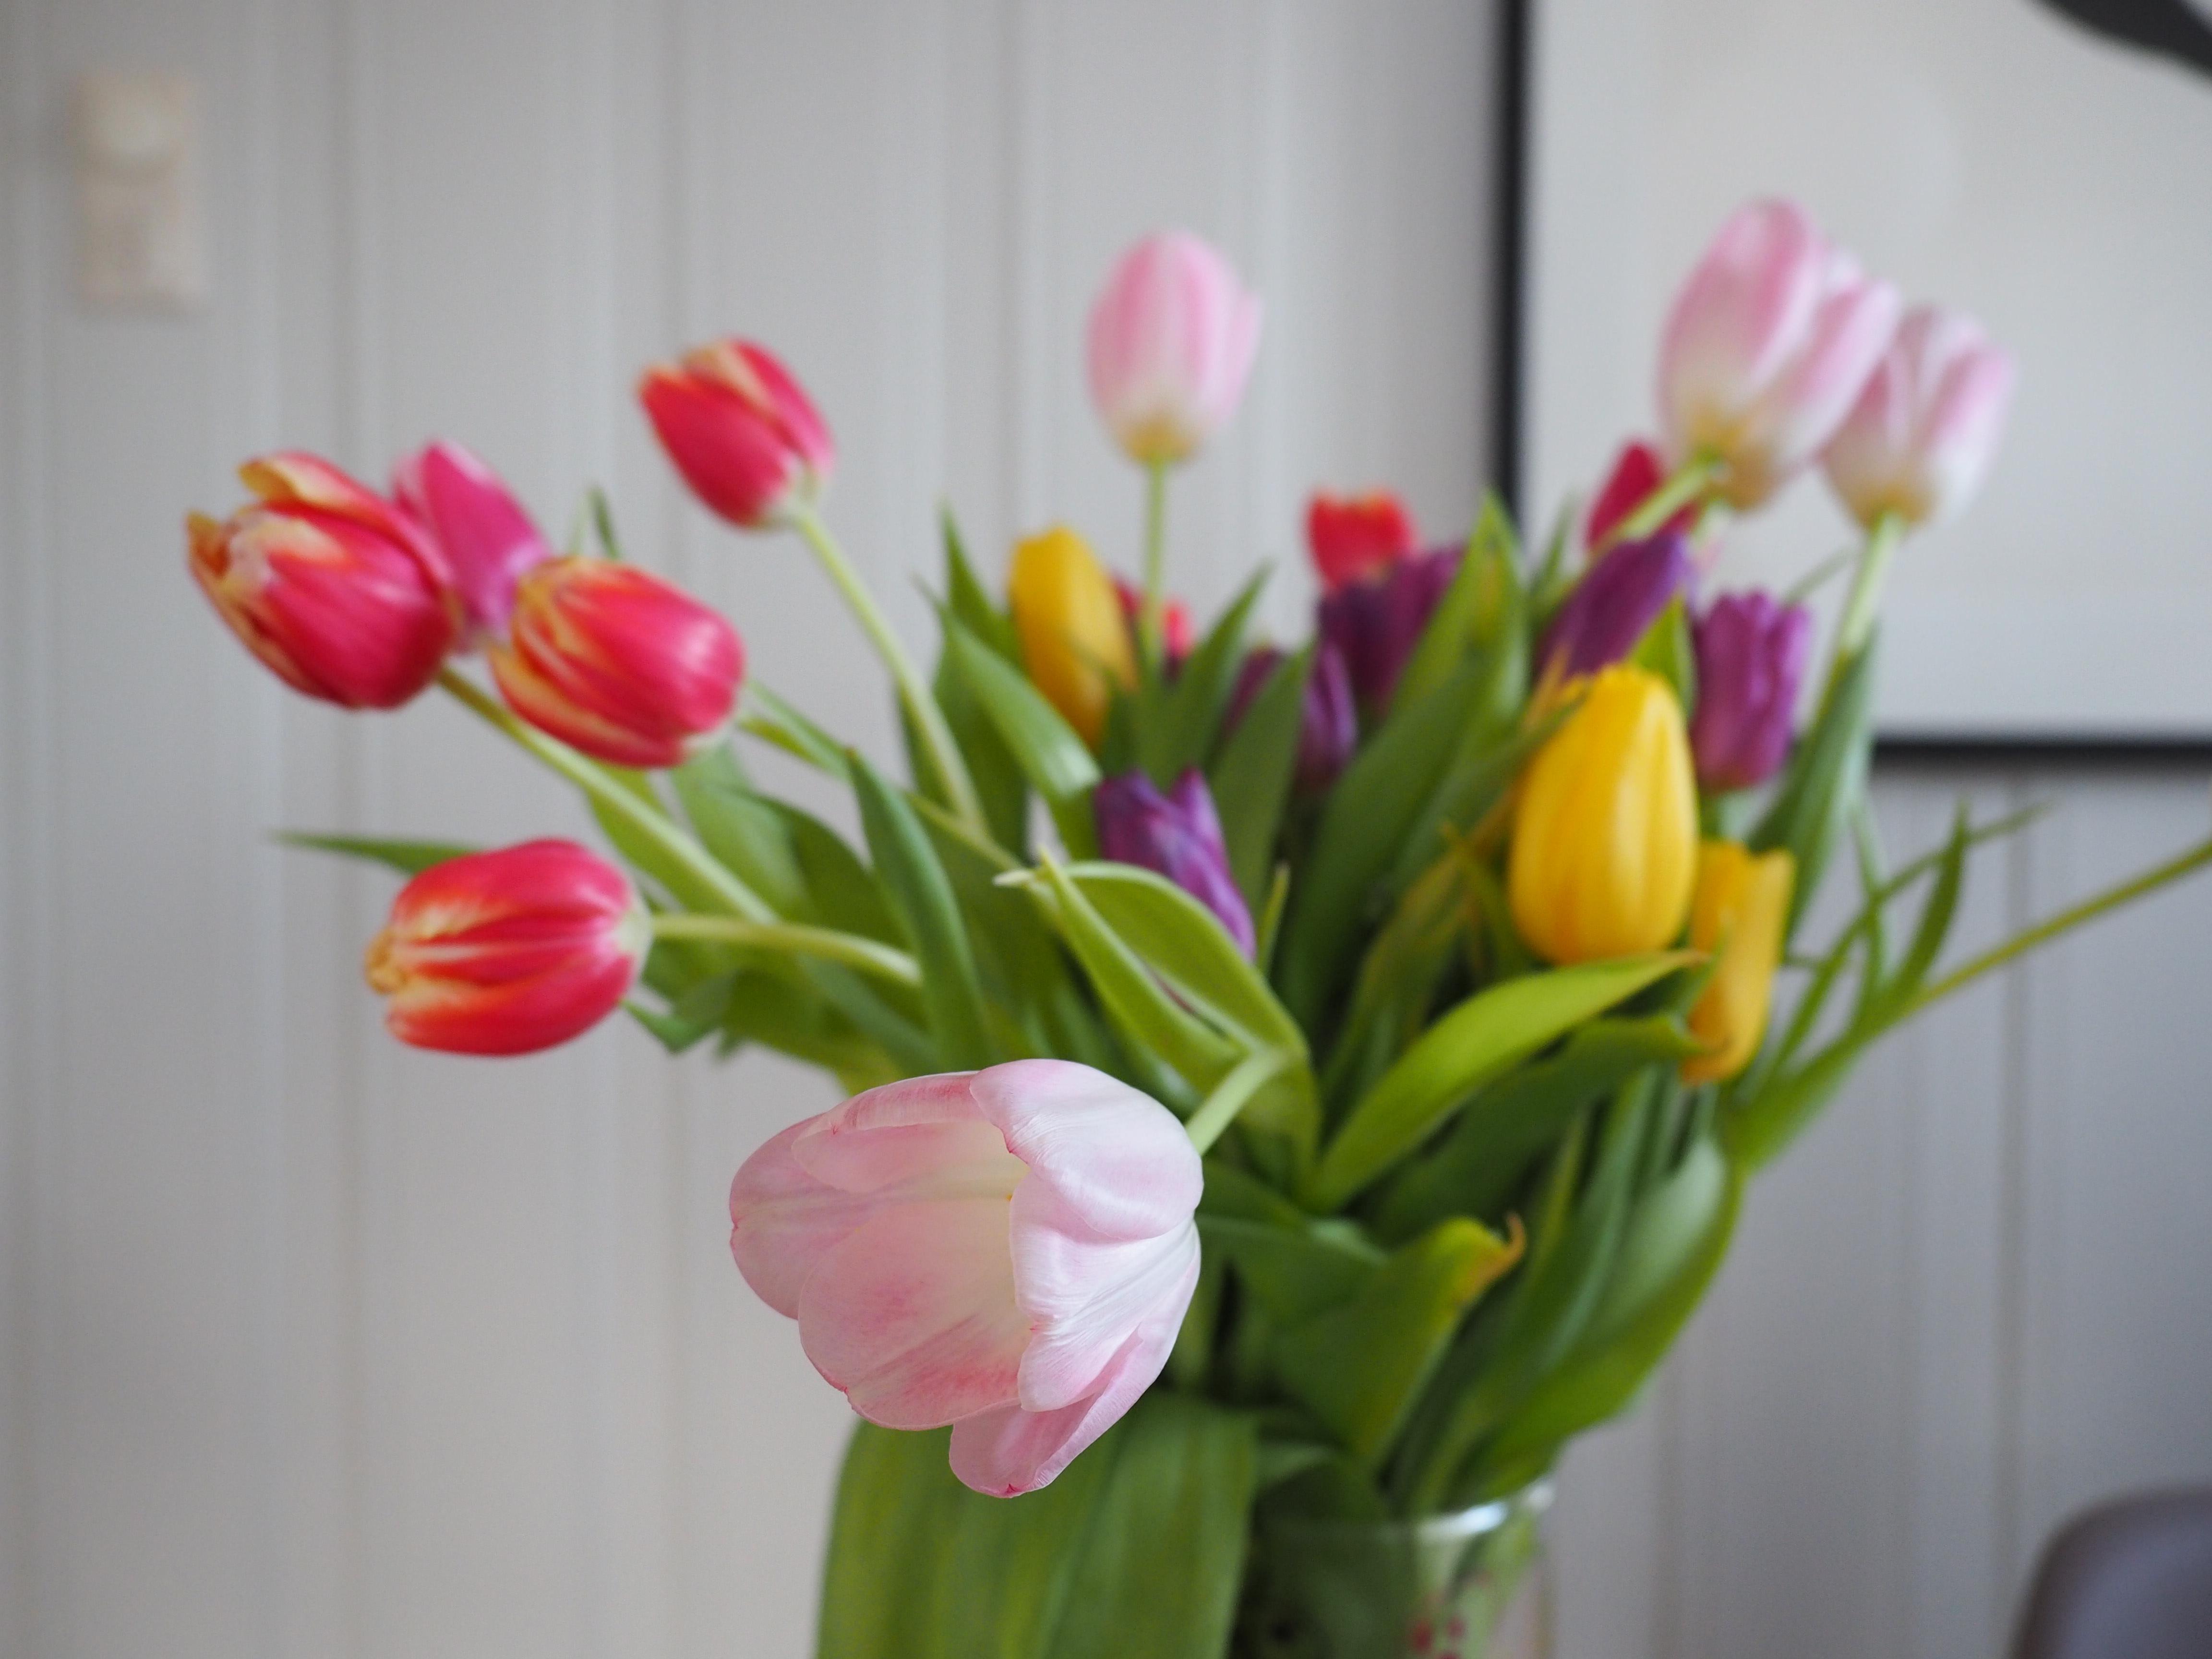 Tulipan i vase oppfører seg forskjellig avhengig av hvilken type det er.